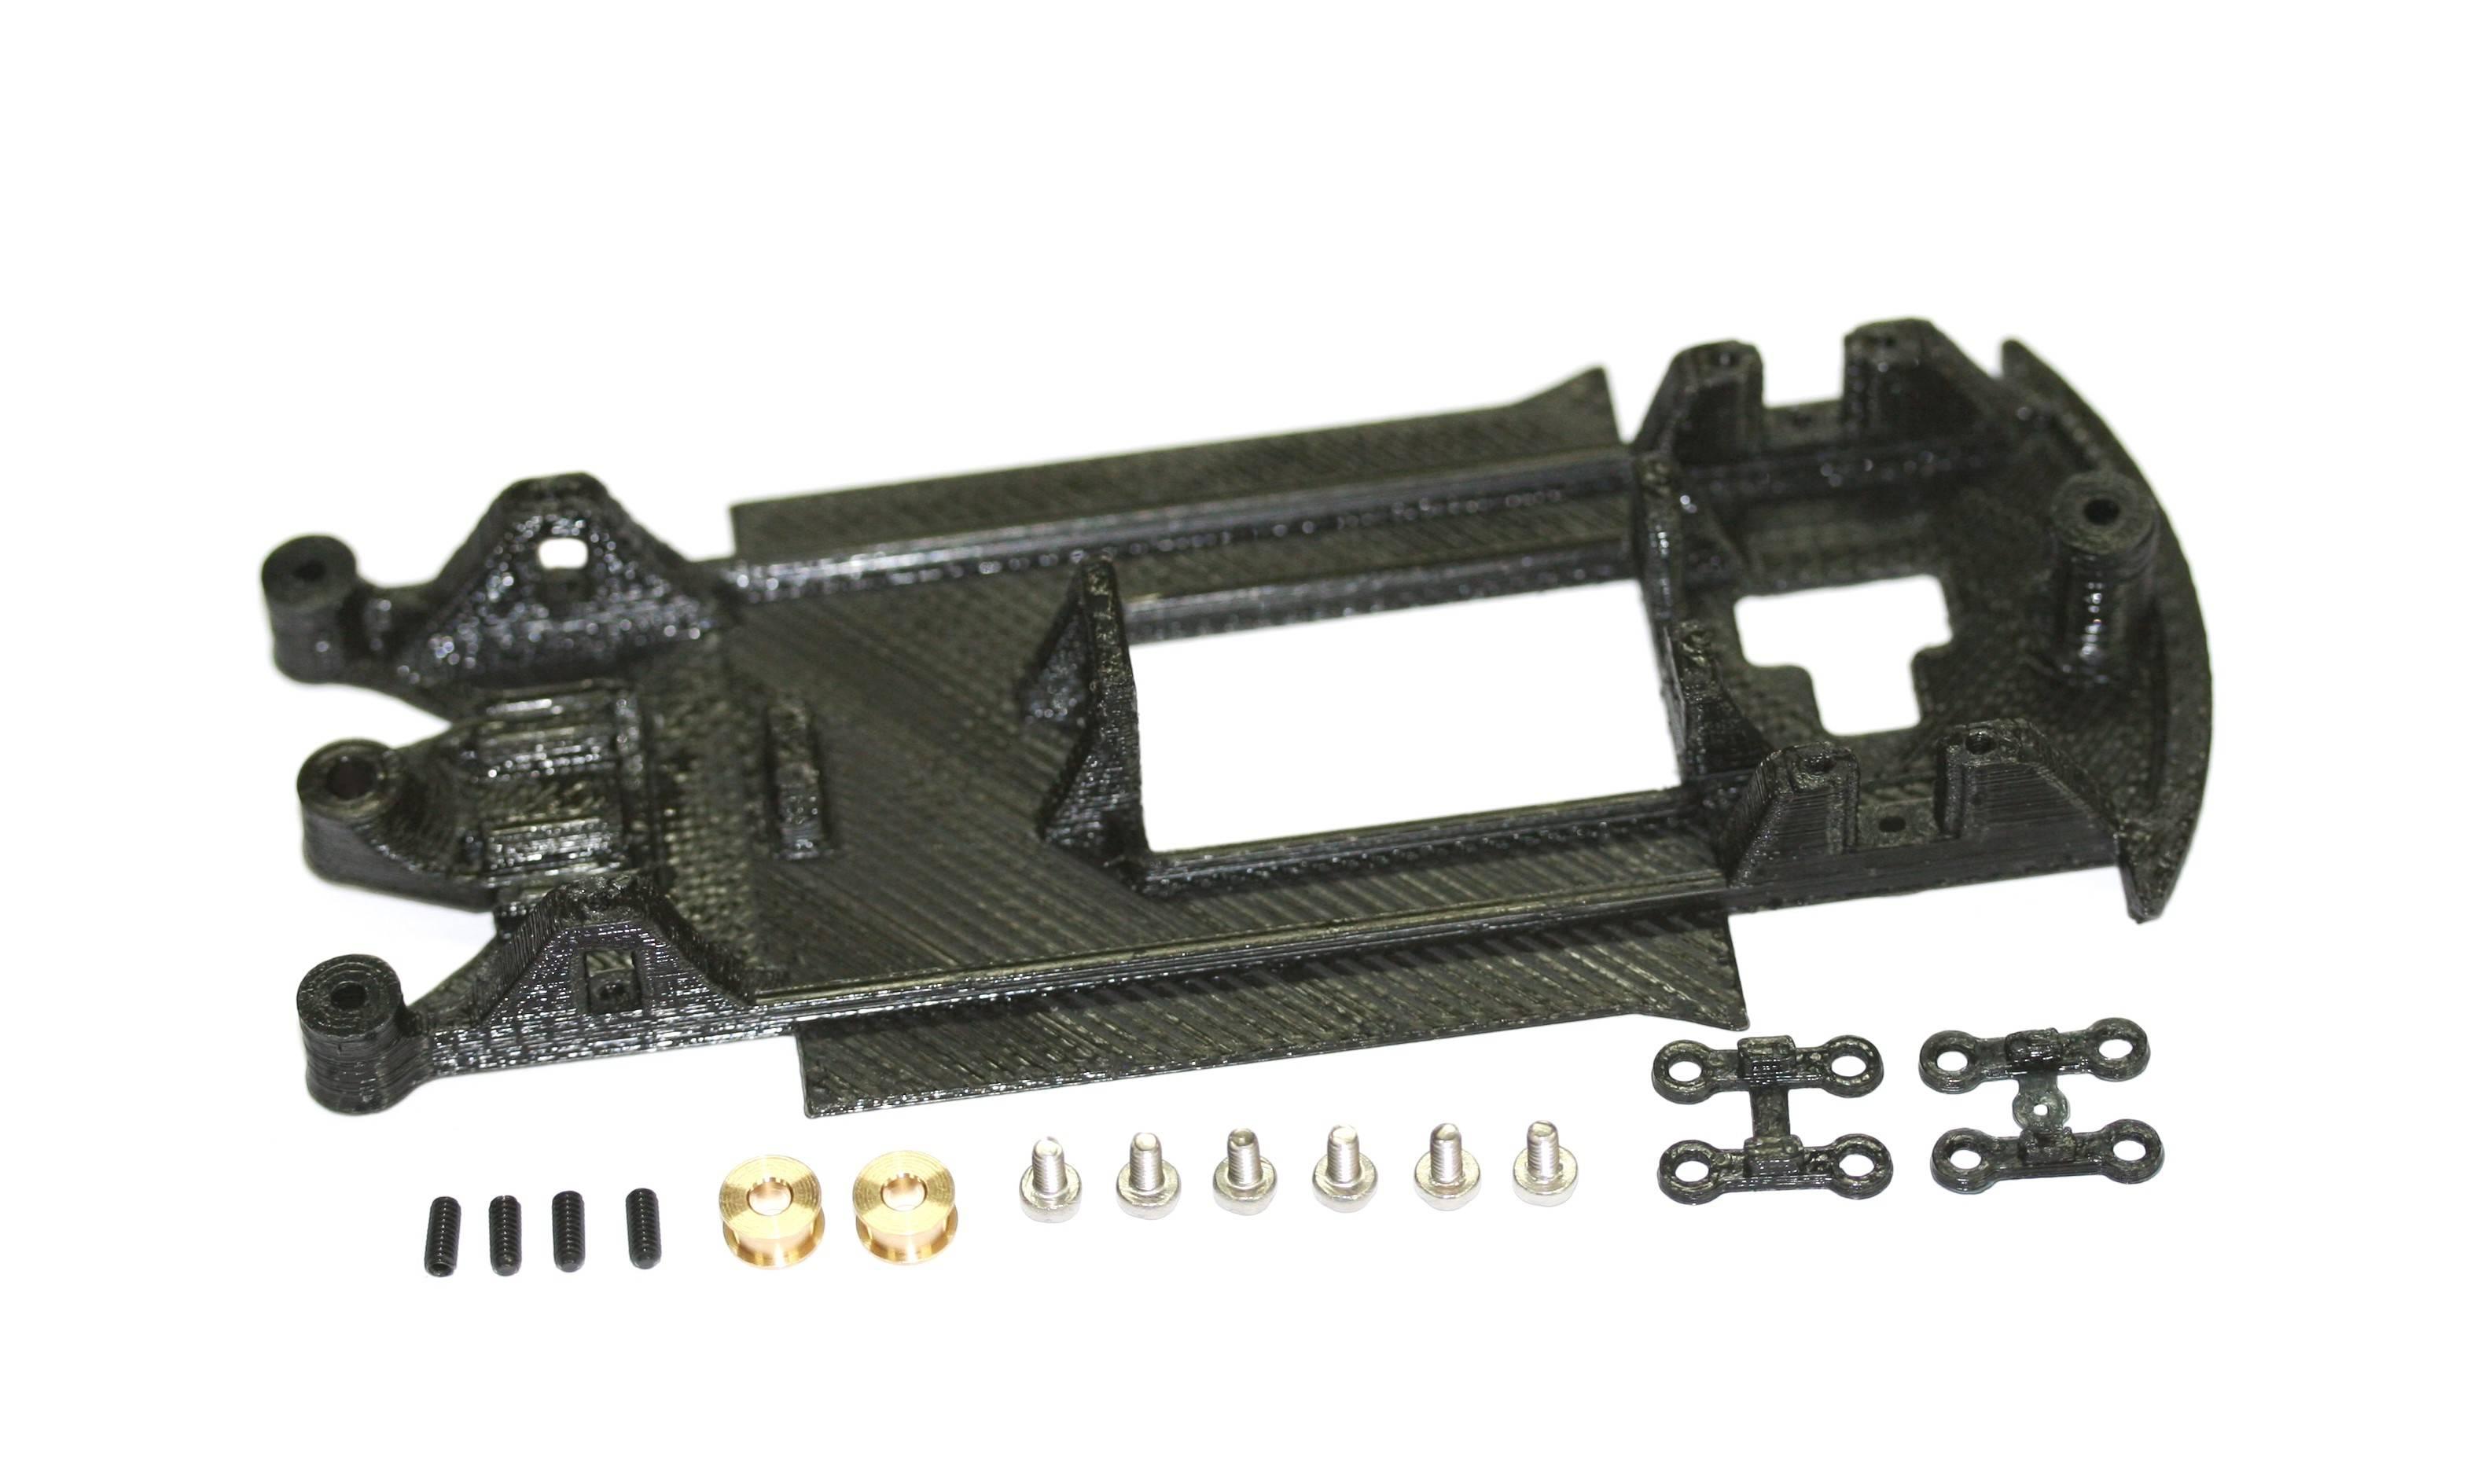 Elektrisches Spielzeug Scalextric Chassis Ford Fiesta Wrc